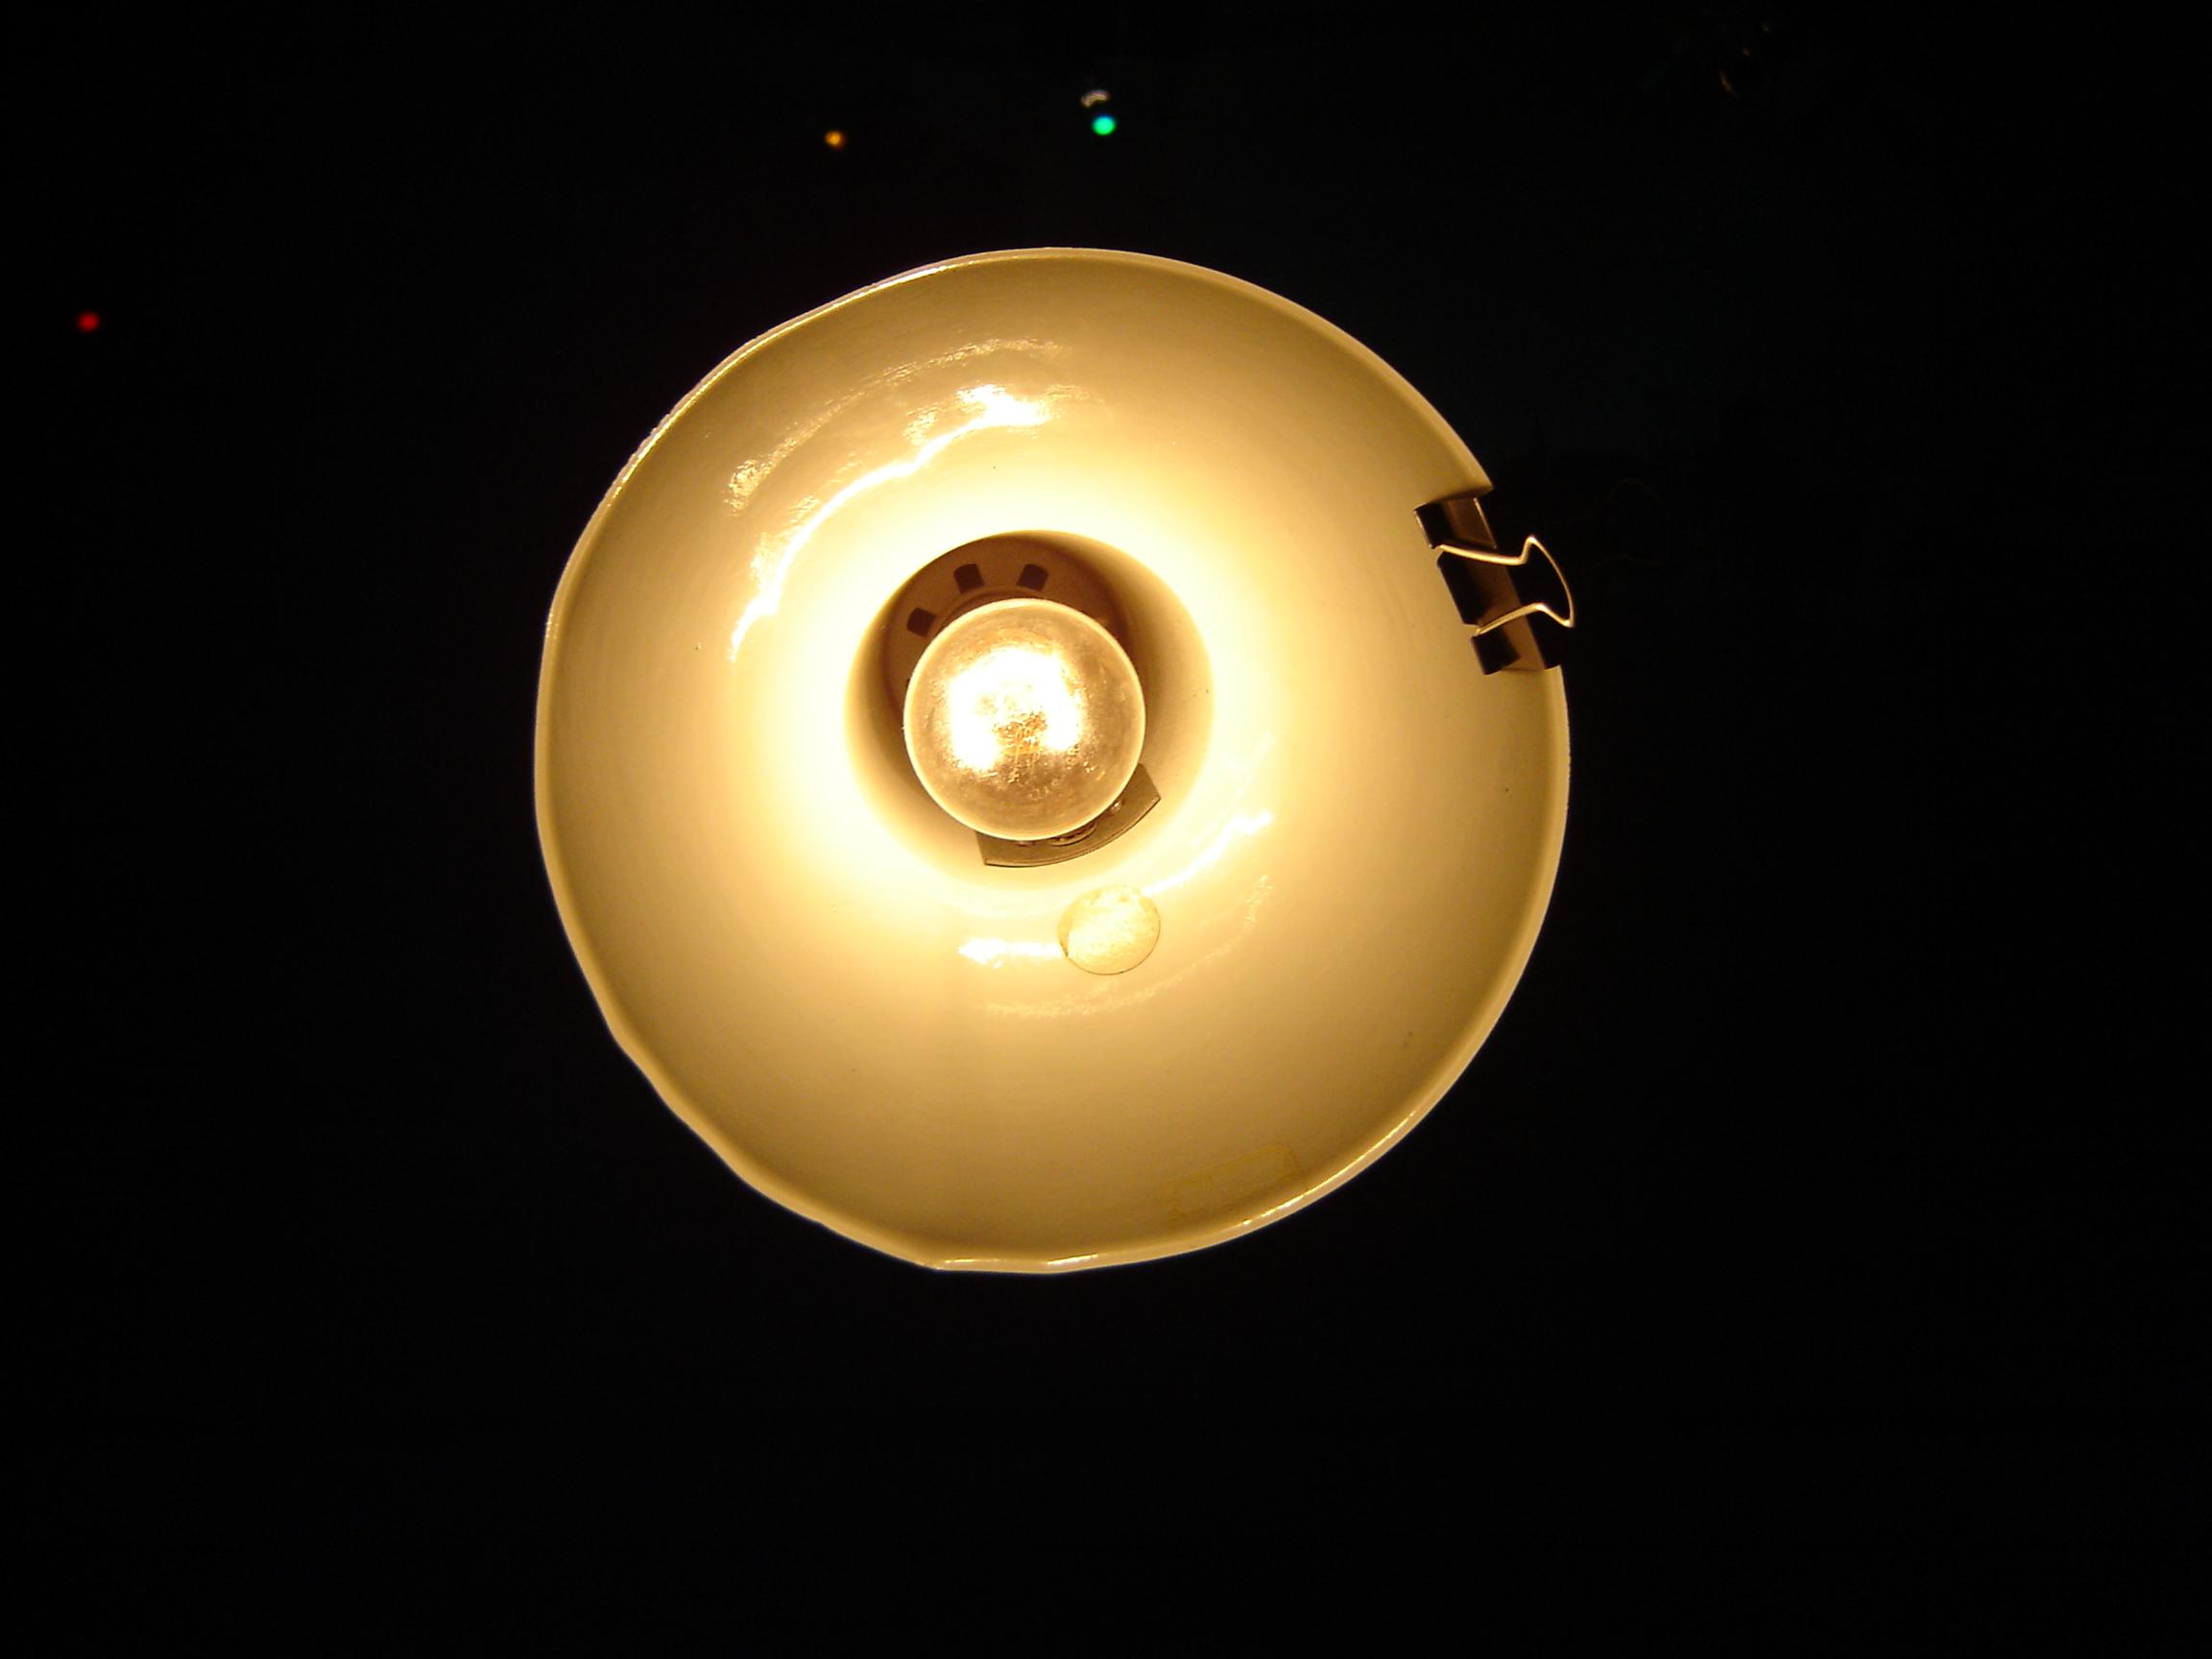 Dark room with light bulb - File Lamp In Dark Room Jpg